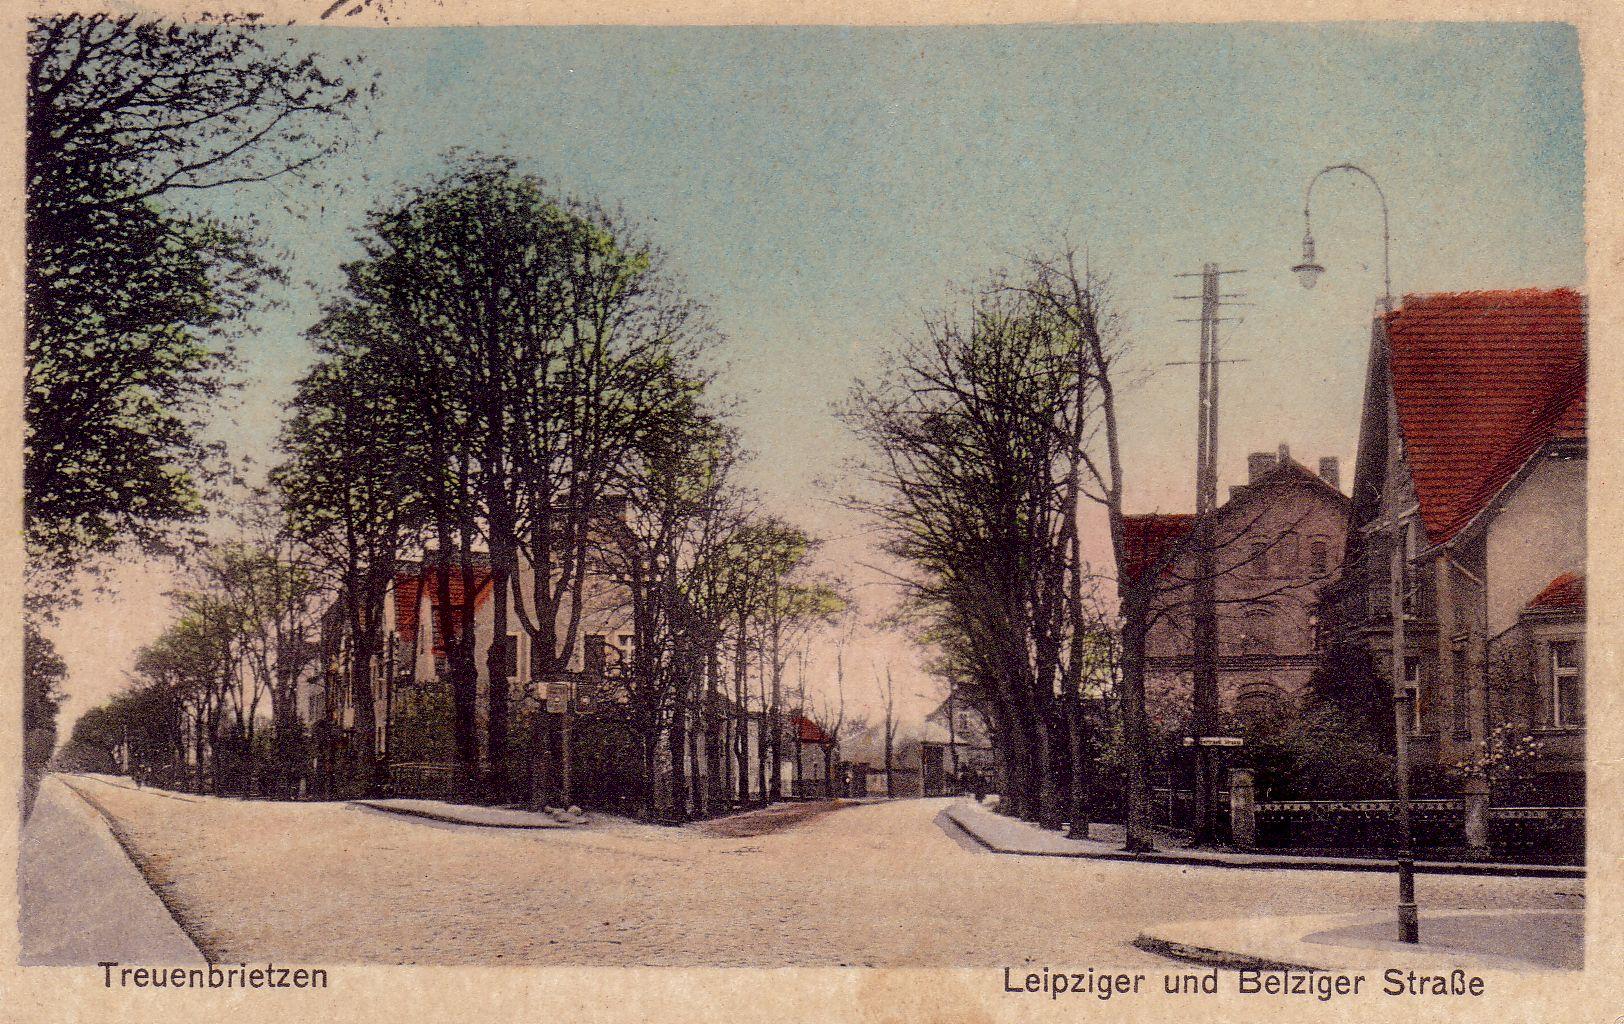 Leipziger- und Belziger Straße in Treuenbrietzen im Jahr 1935